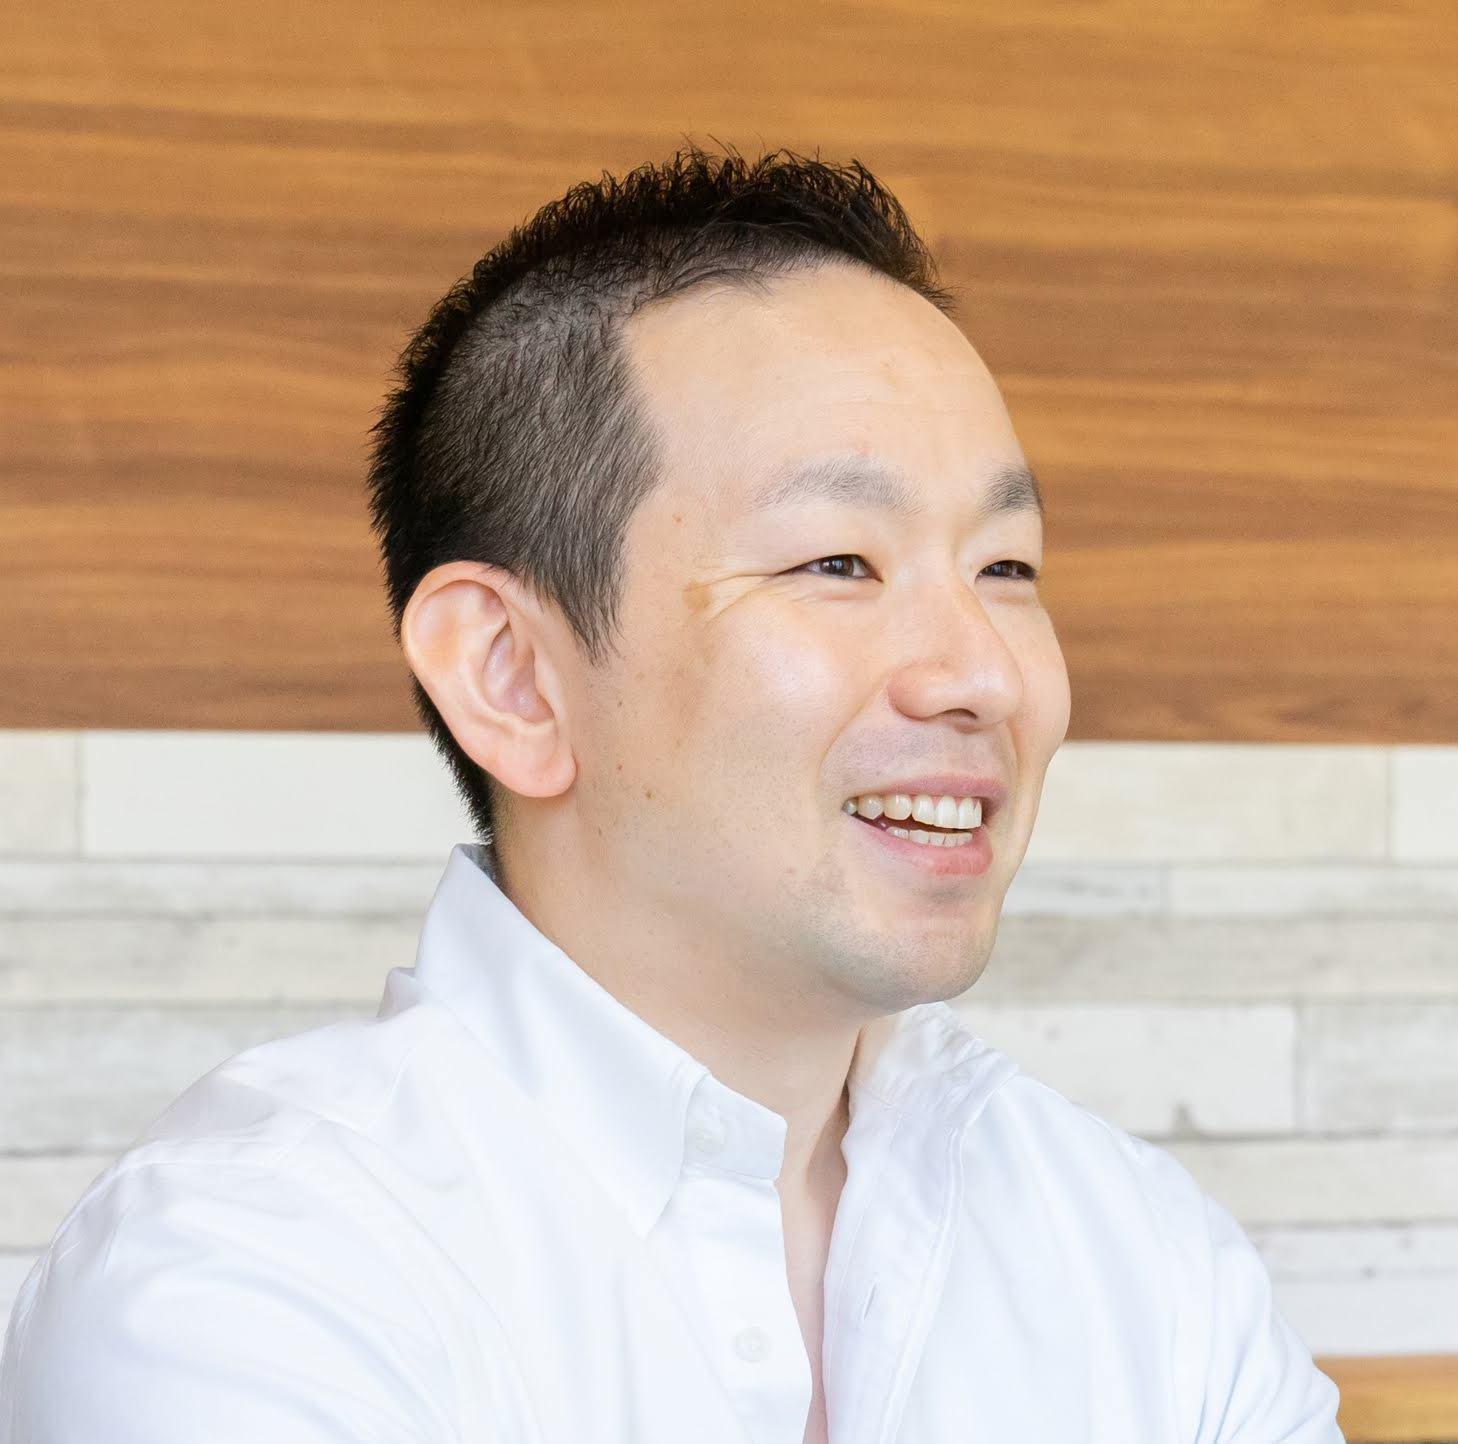 株式会社Payke_橋本氏